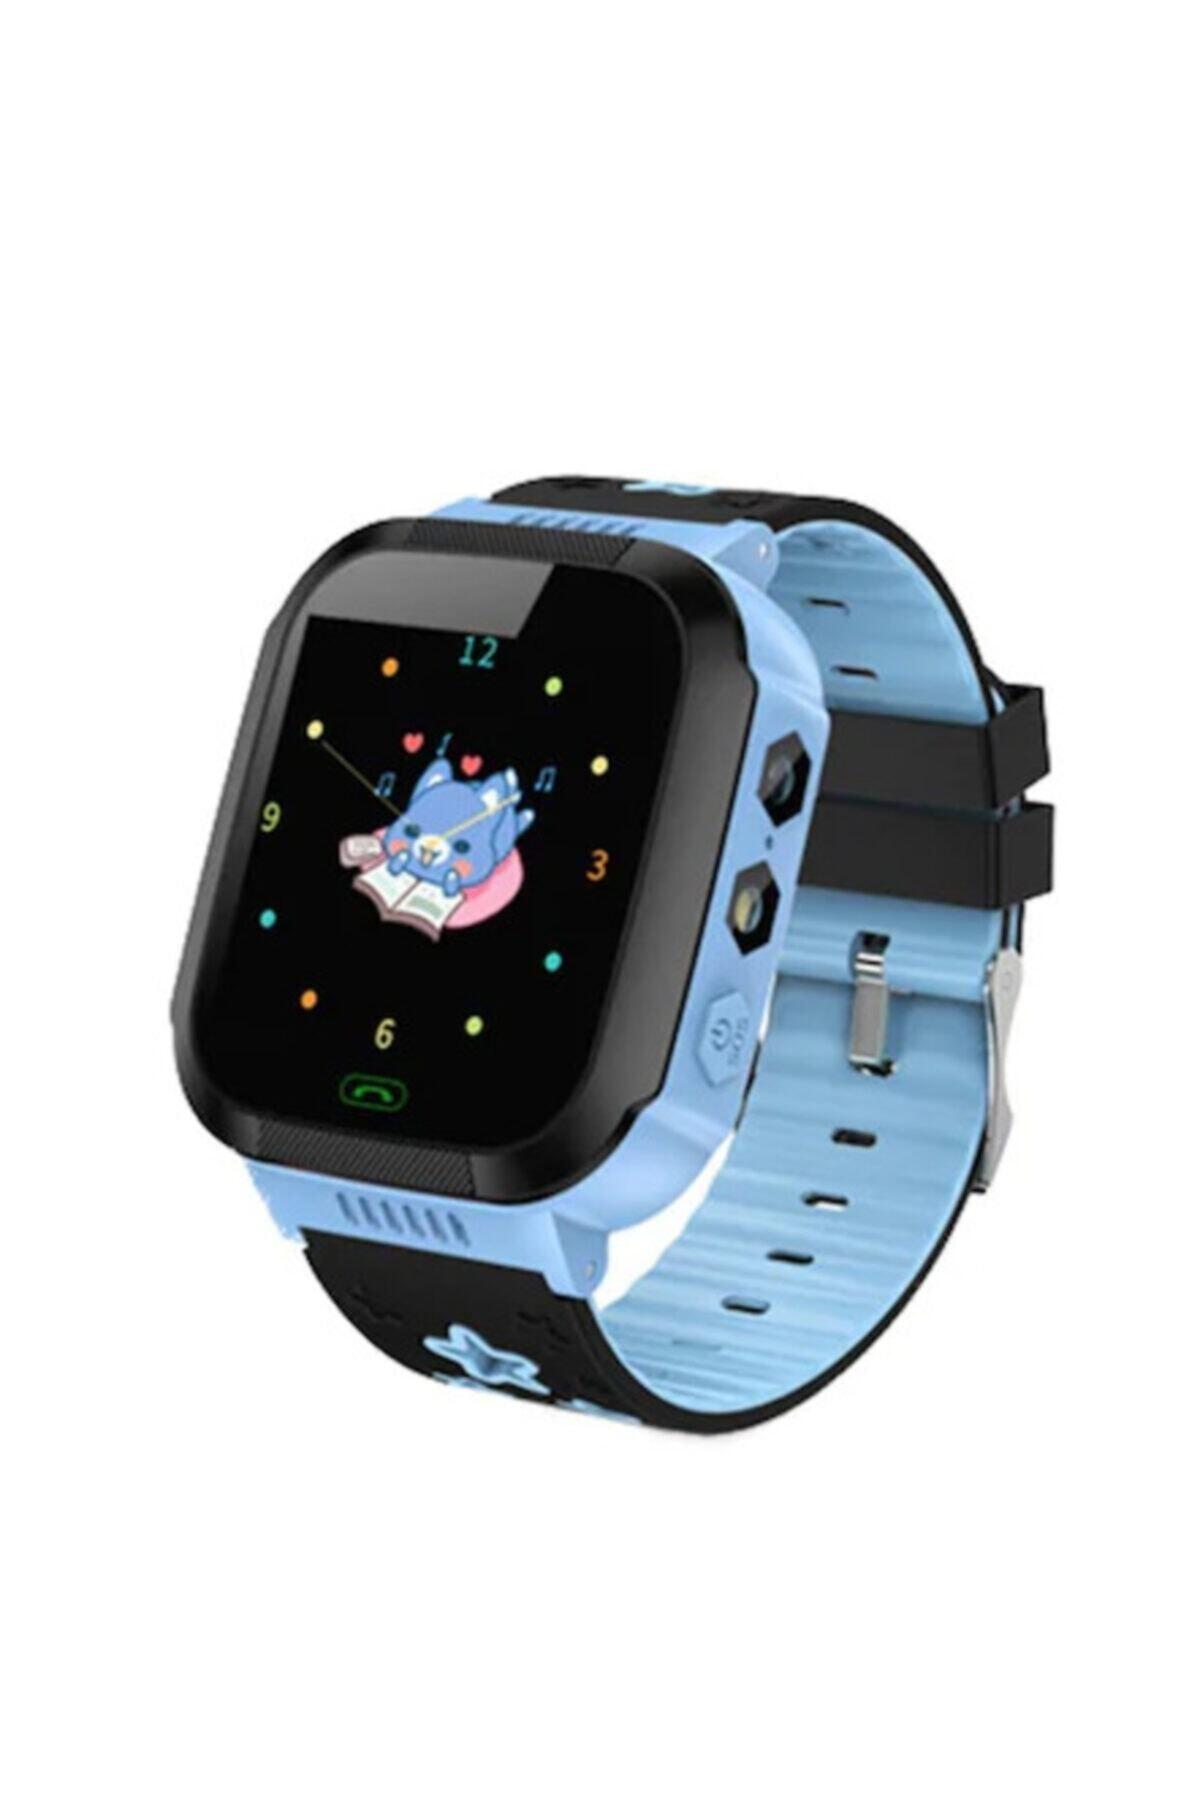 BabySmart Akıllı Saat - Çocuk Takip Saati - Gps - Sim Kartlı Arama- Kameralı 2